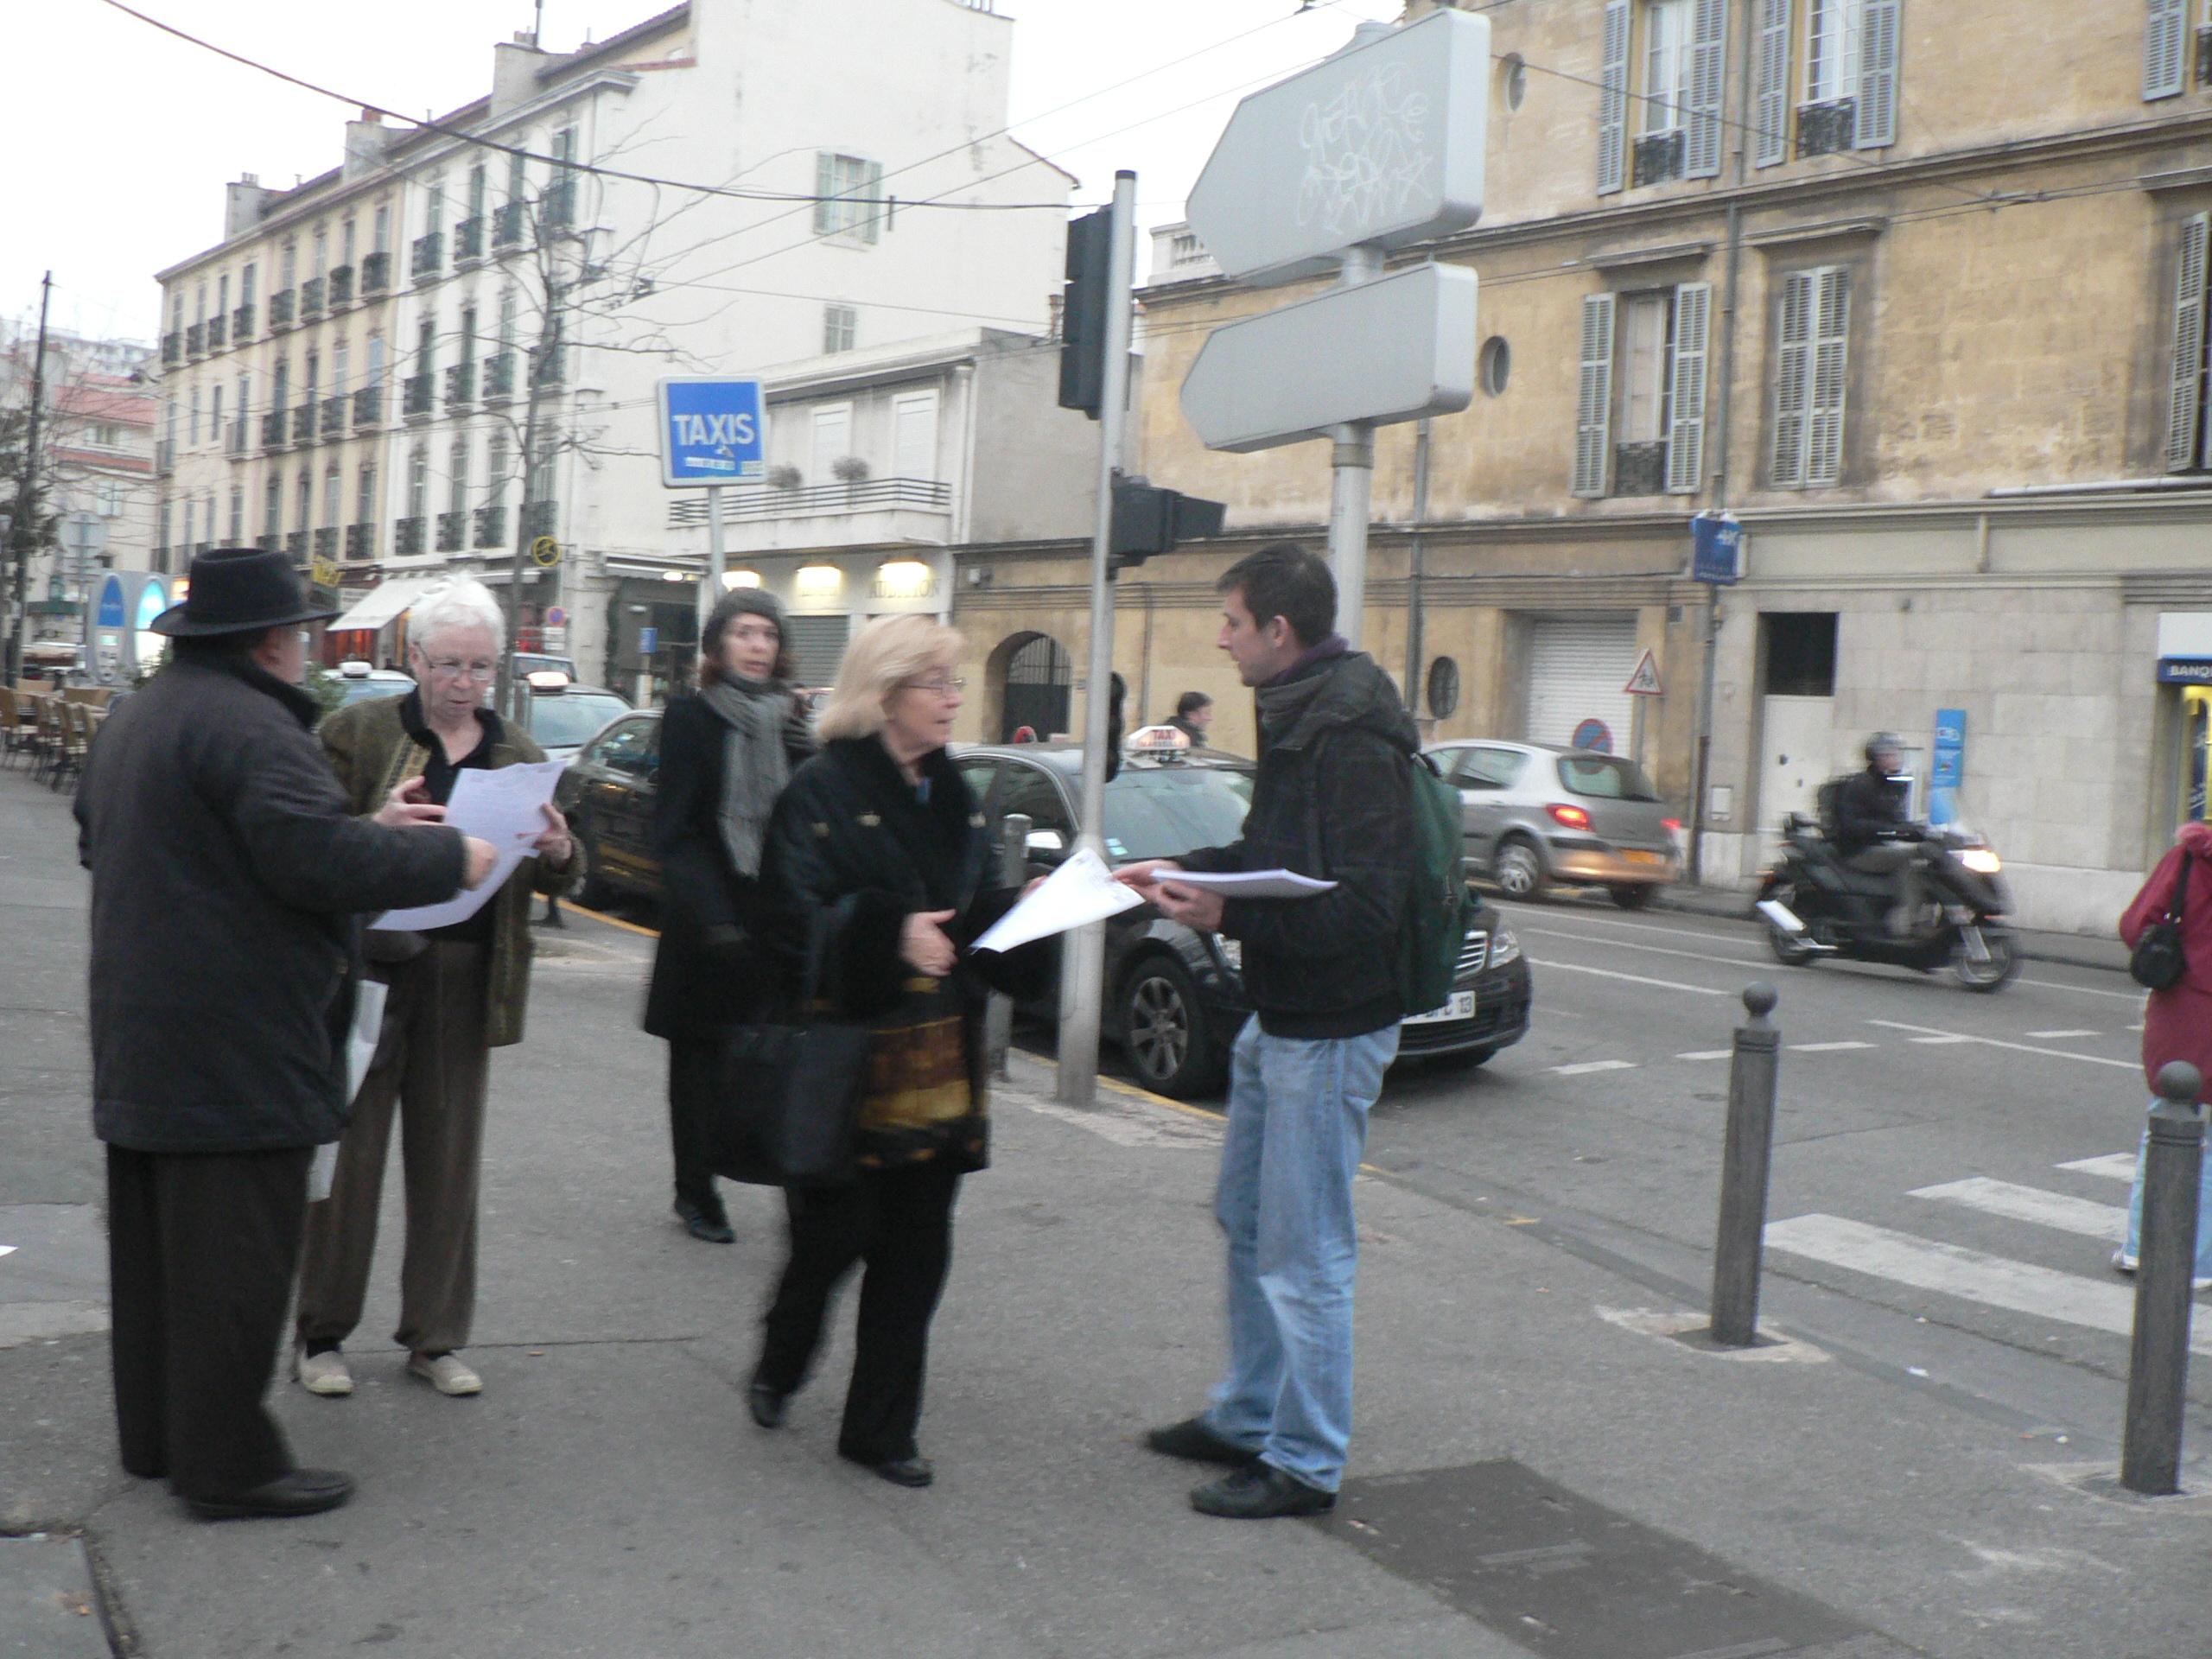 Débat vendredi 11 février à 18h30, 32 rue chateaubriand, entrée rue sauveur tobelem, contre l'implantation d'une énième grande surface commerciale !